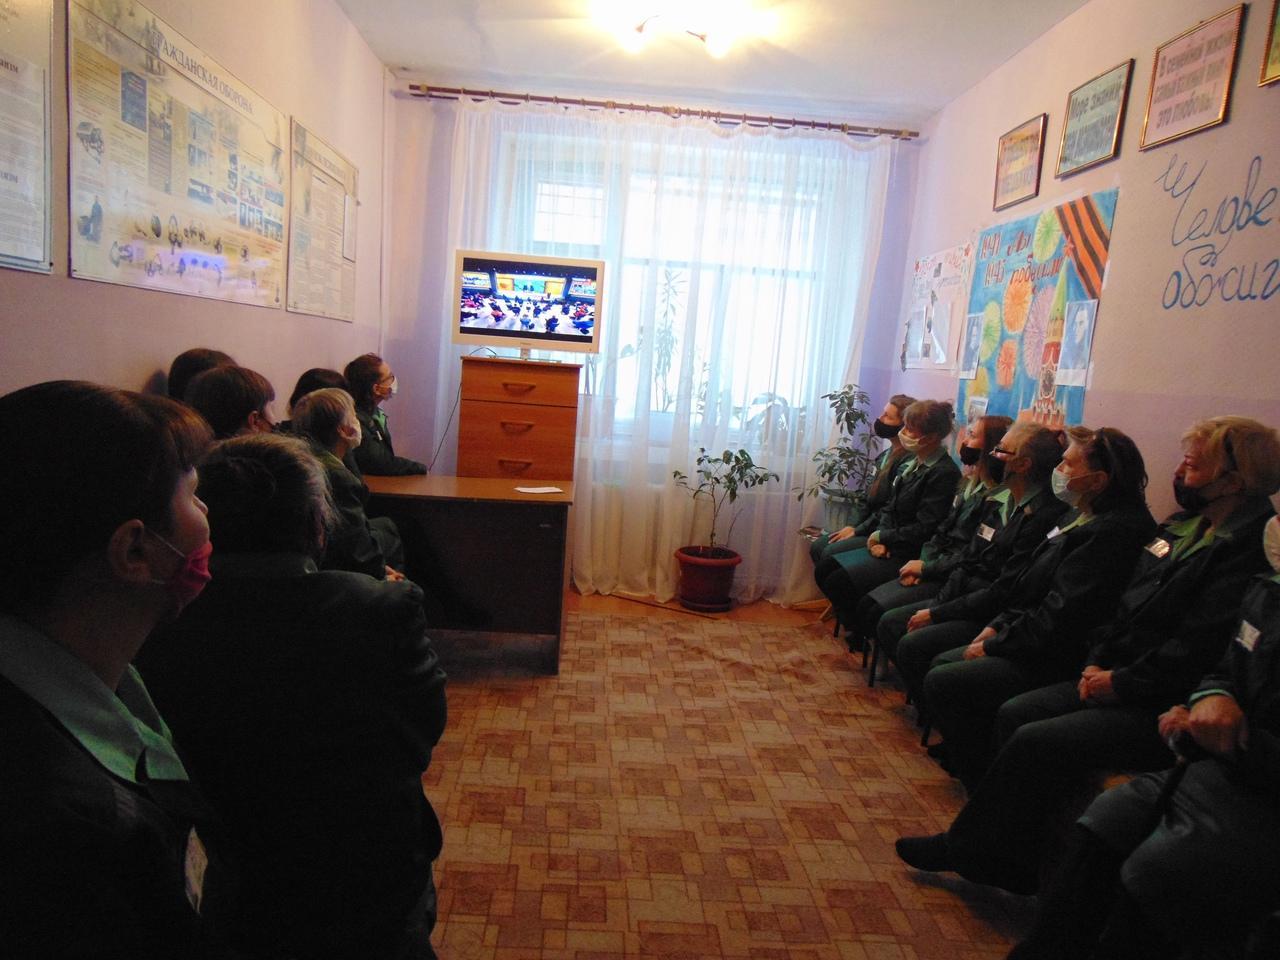 Фото Путин на экране: как котики, депутаты и дольщики в Новосибирске смотрят большую пресс-конференцию президента 9